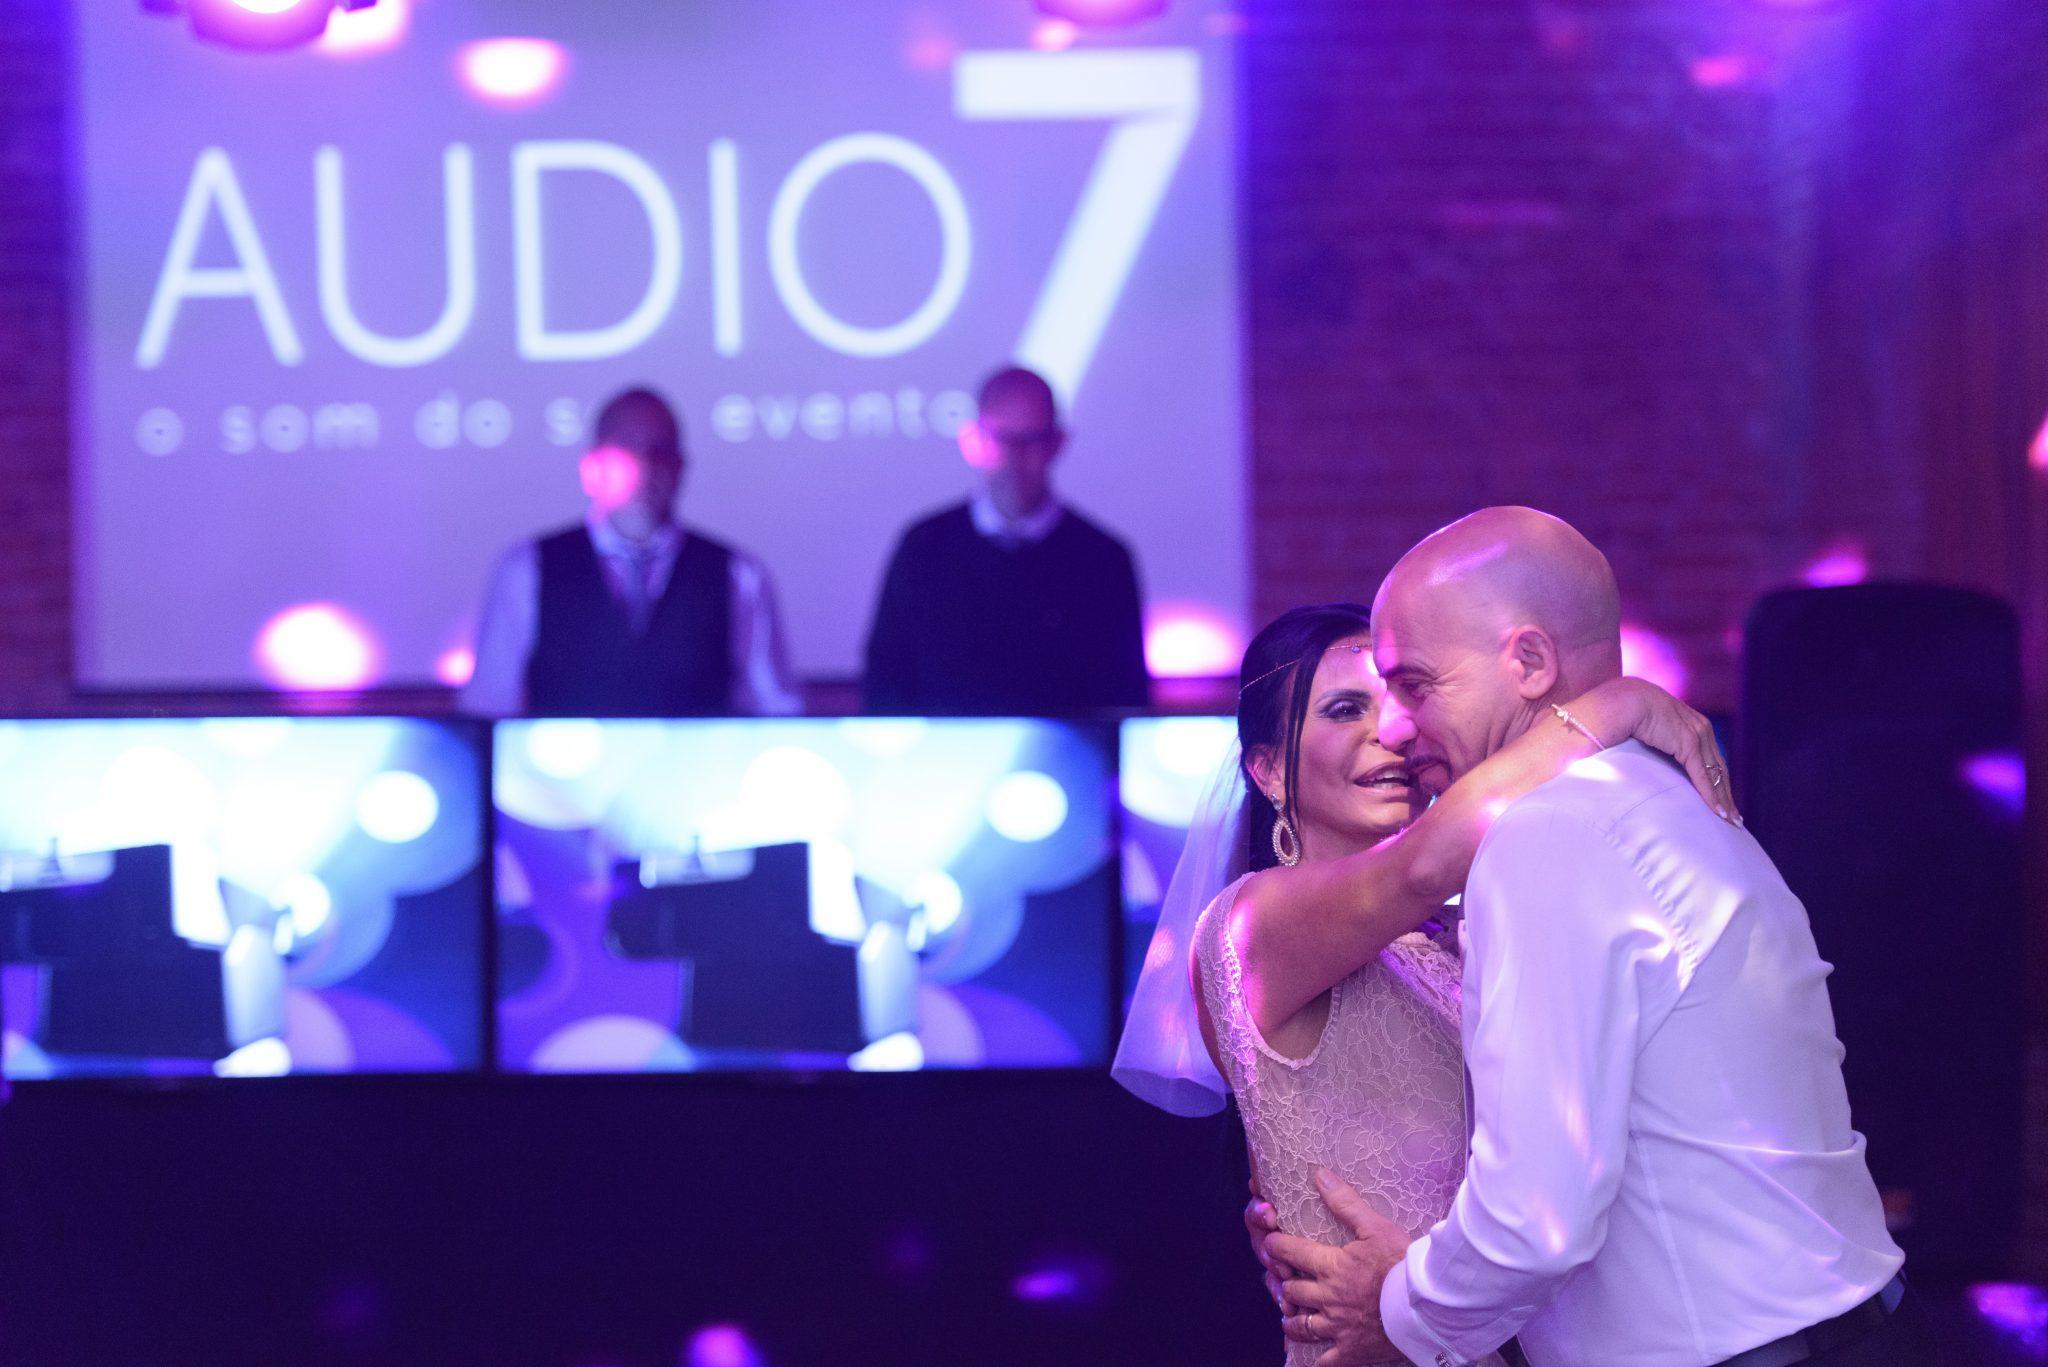 Carlos e Gretchen Casamento Audio7